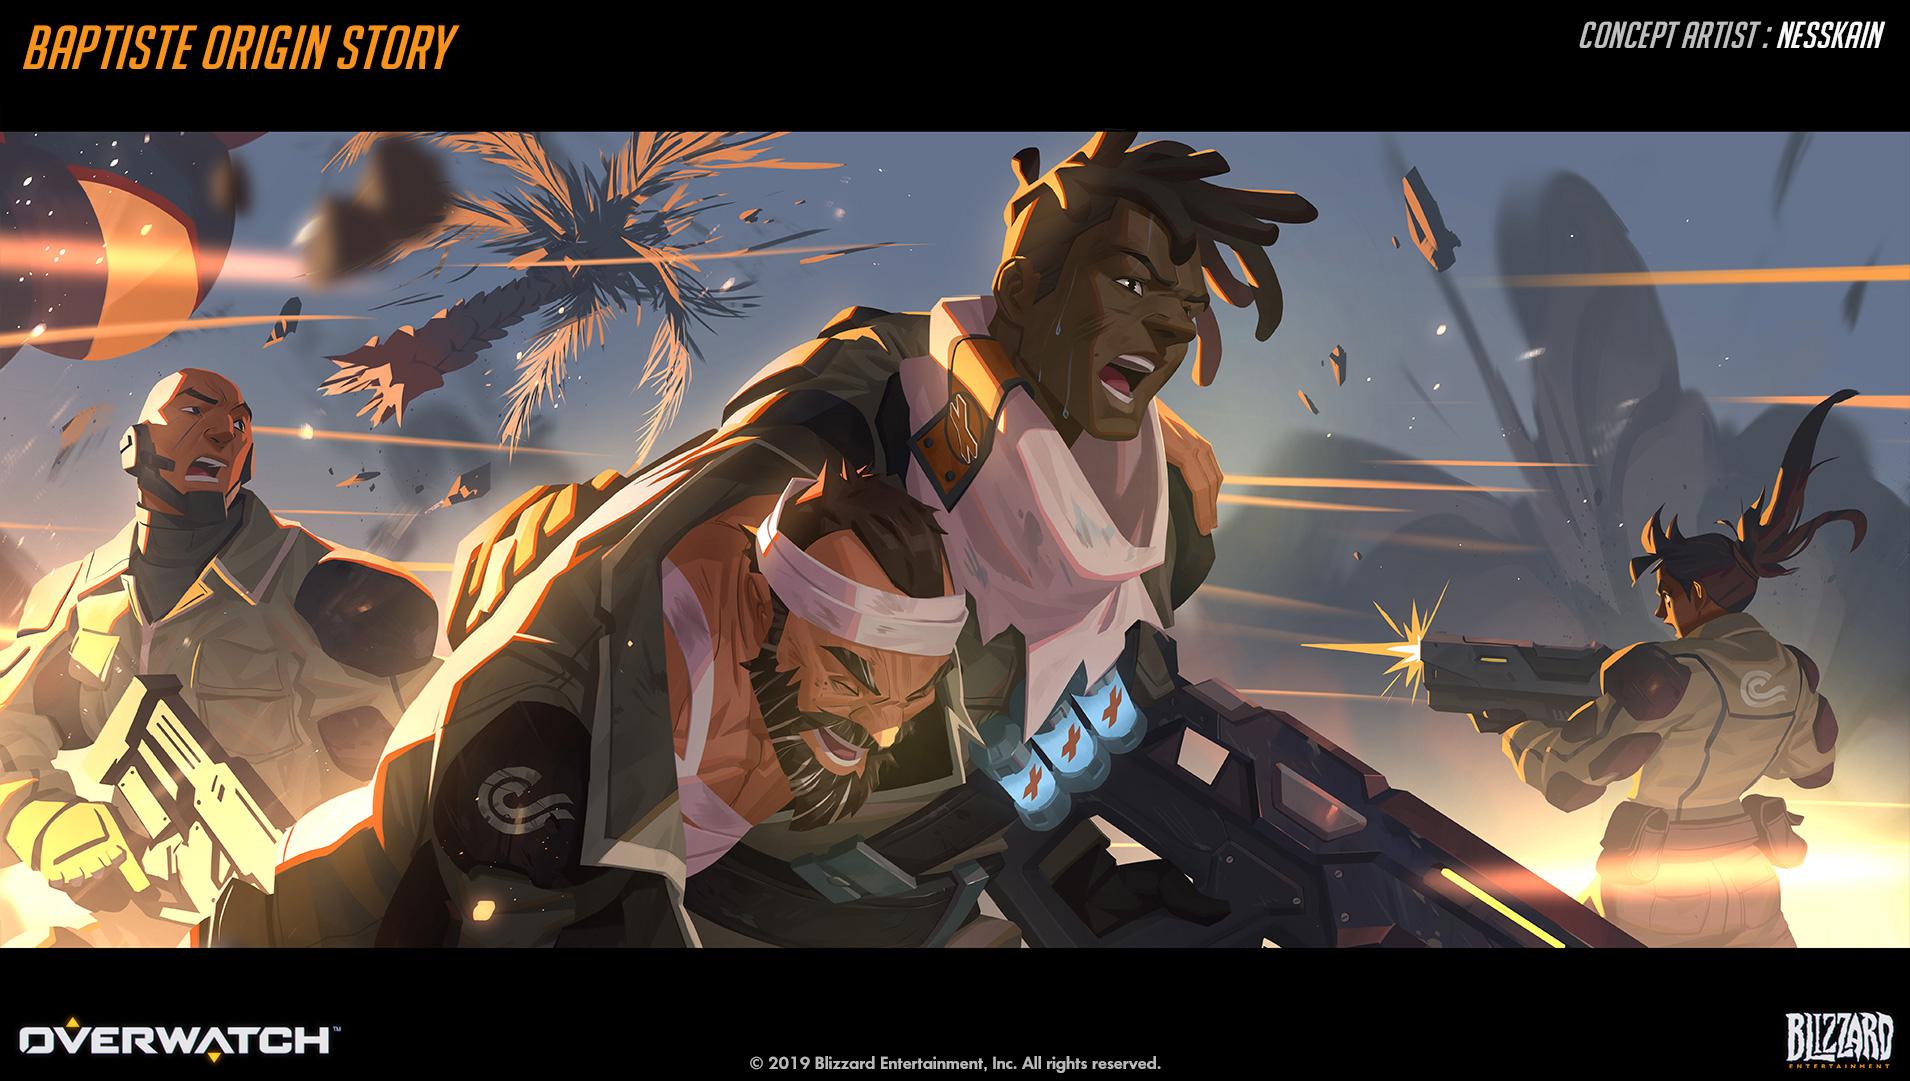 Baptiste Origin Story - 02